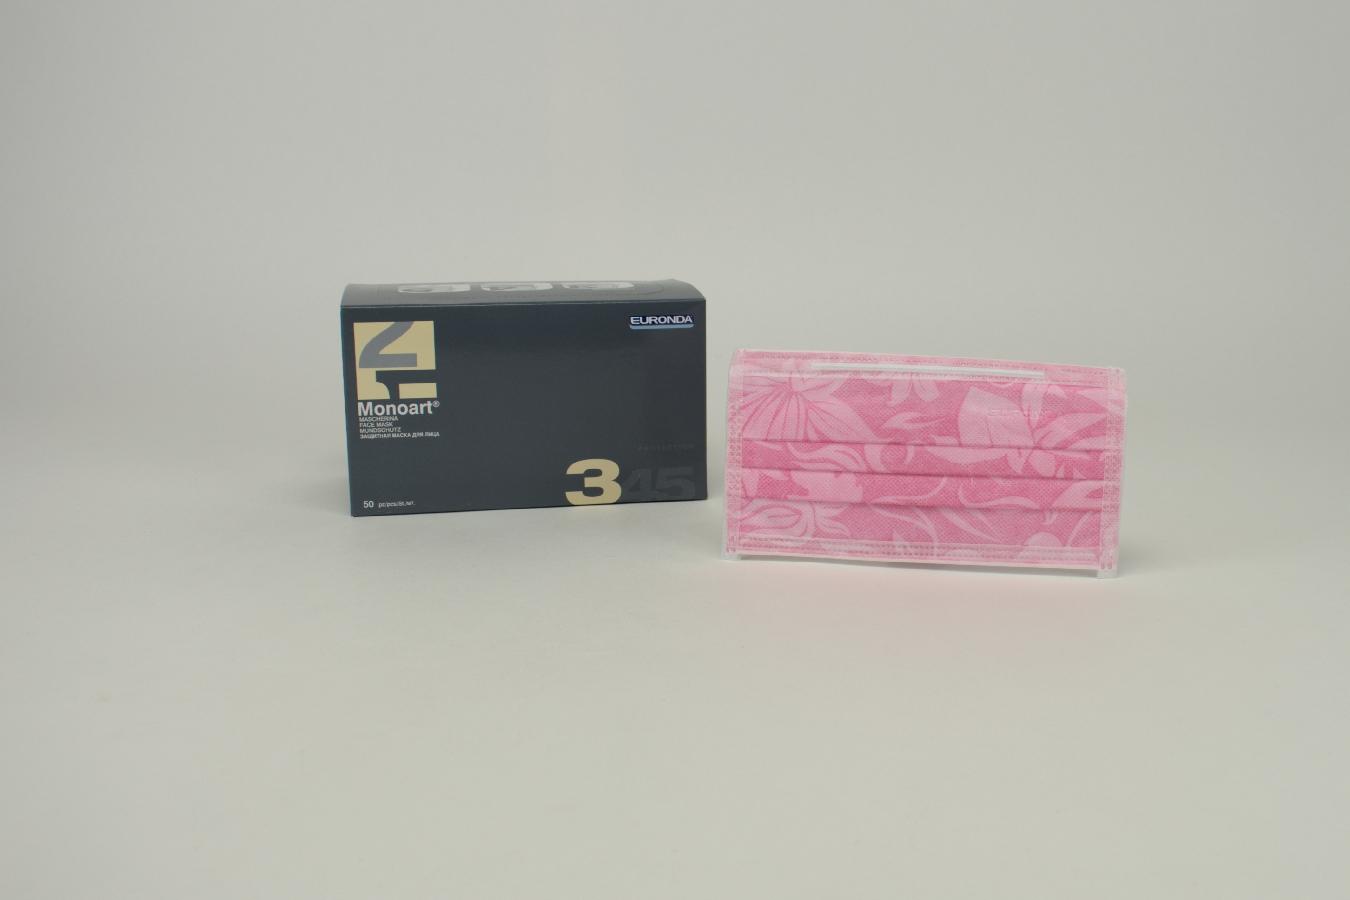 MONOART Mundsch. Gummi flower-rosa 50 Stück